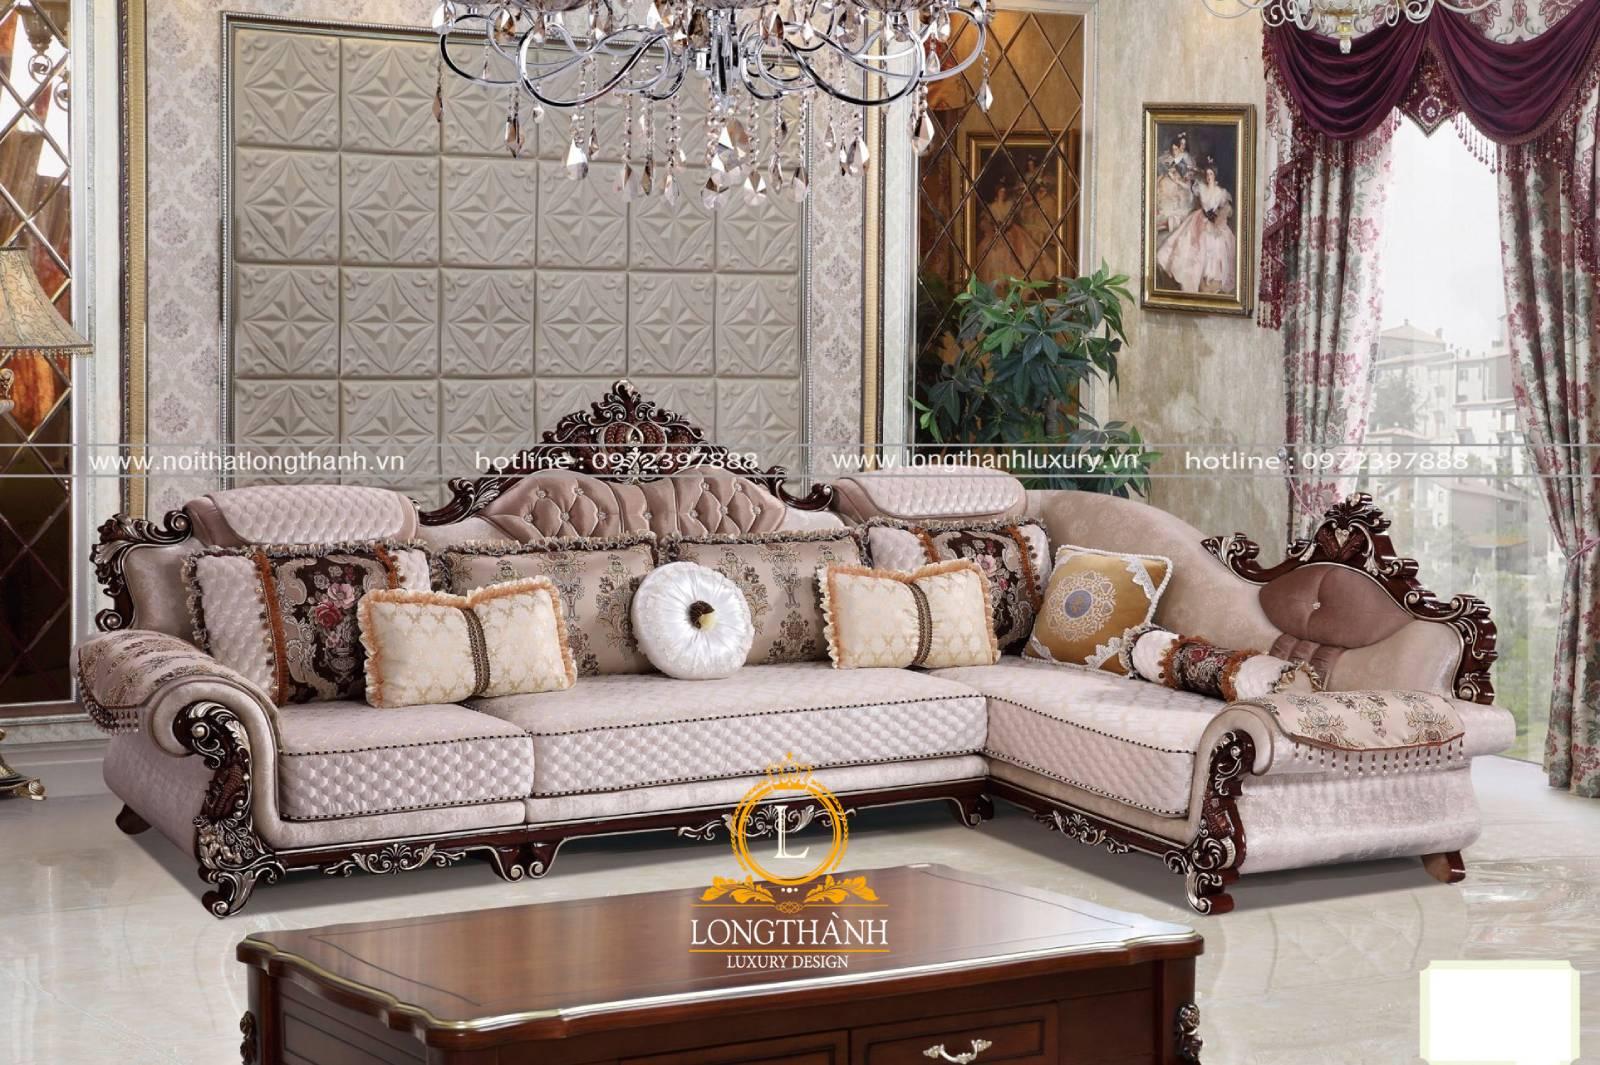 Mẫu ghế sofa chữ L chế tác từ gỗ tự nhiên đẹp mê hoặc